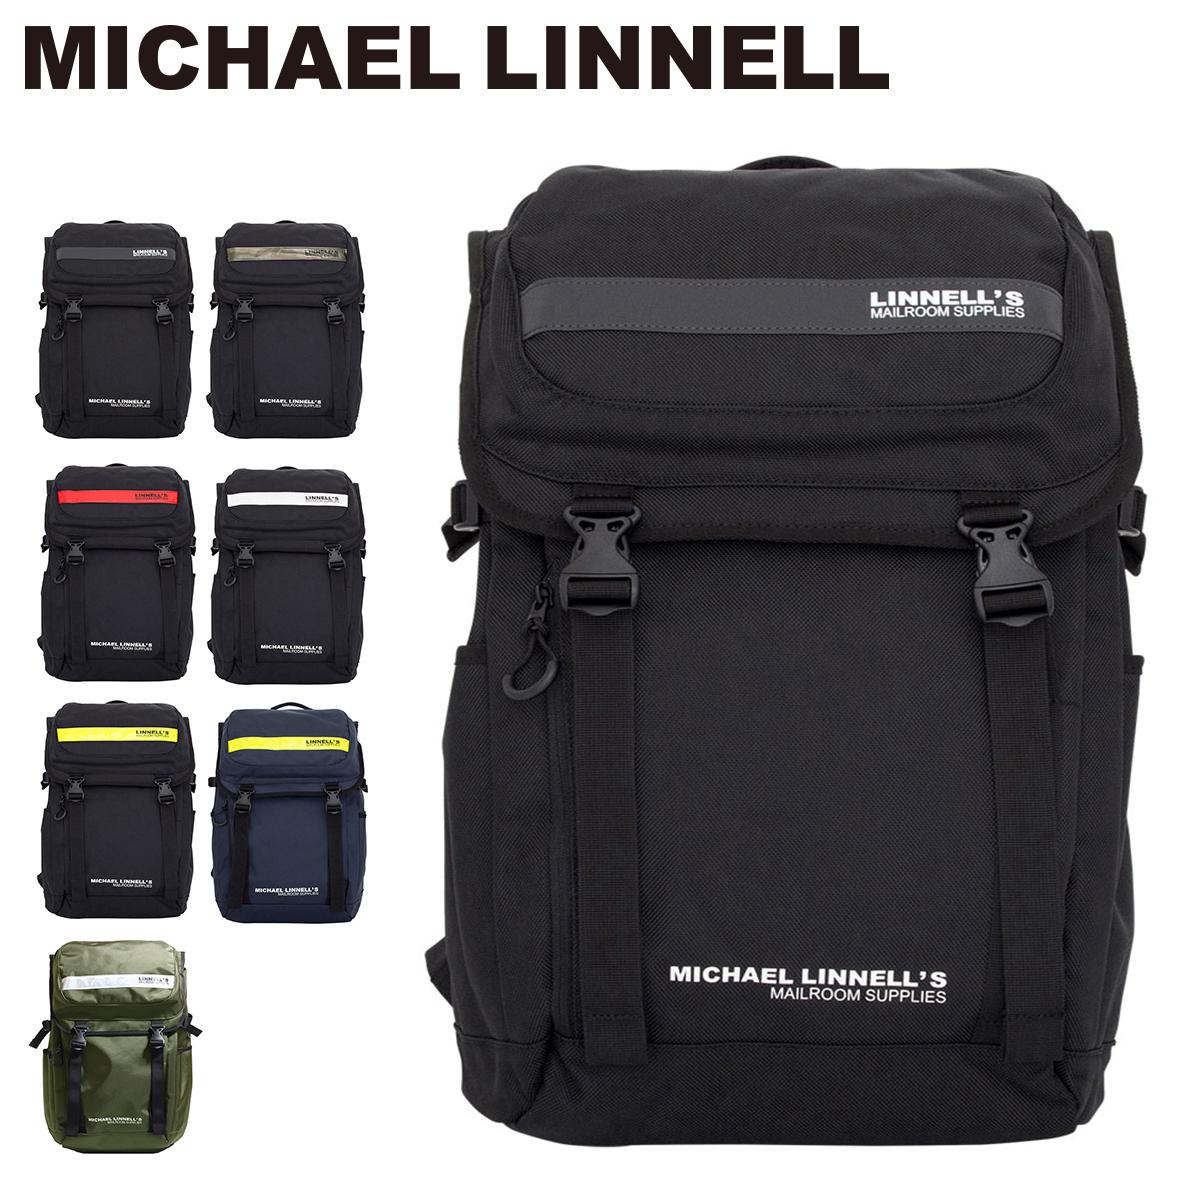 マイケルリンネル MICHAEL LINNELL リュック ML-018 【 リュック リフレクター 1680デニールの丈夫なポリエステル ダブルバックル 大容量27L 】【PO10】【bef】【即日発送】